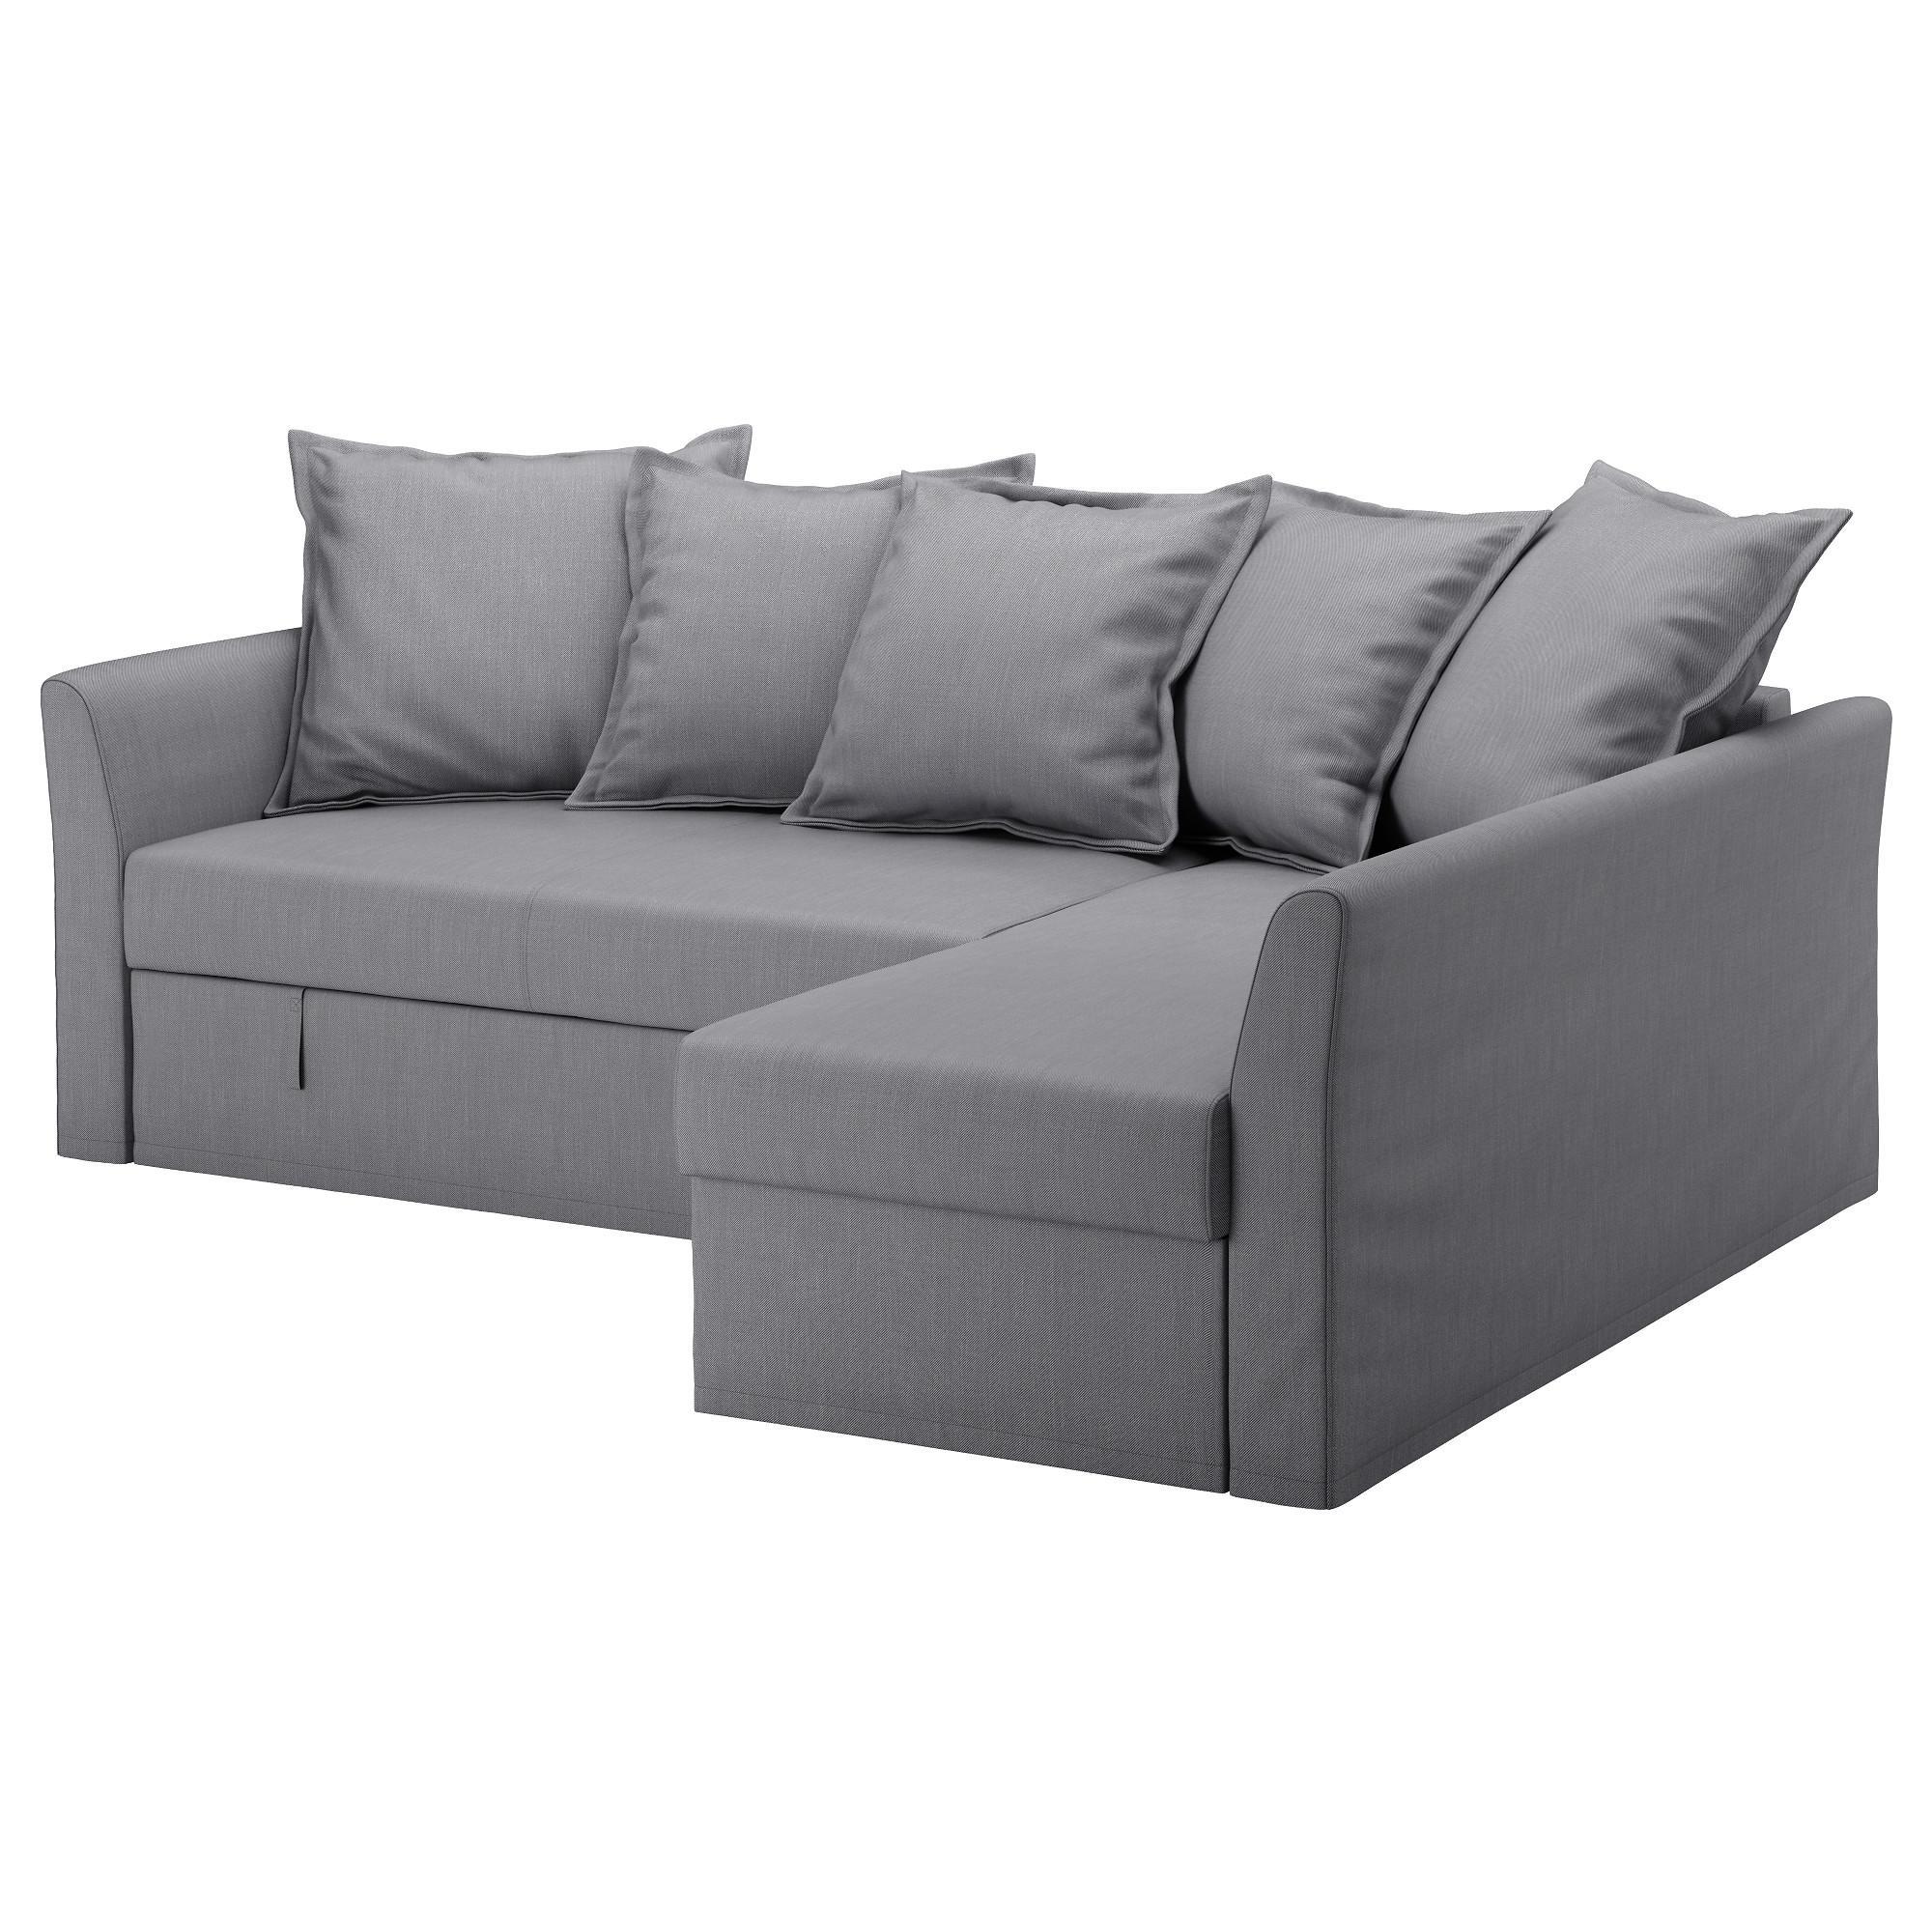 Sofa Beds & Futons | Ikea With Ikea Single Sofa Beds (Image 20 of 23)